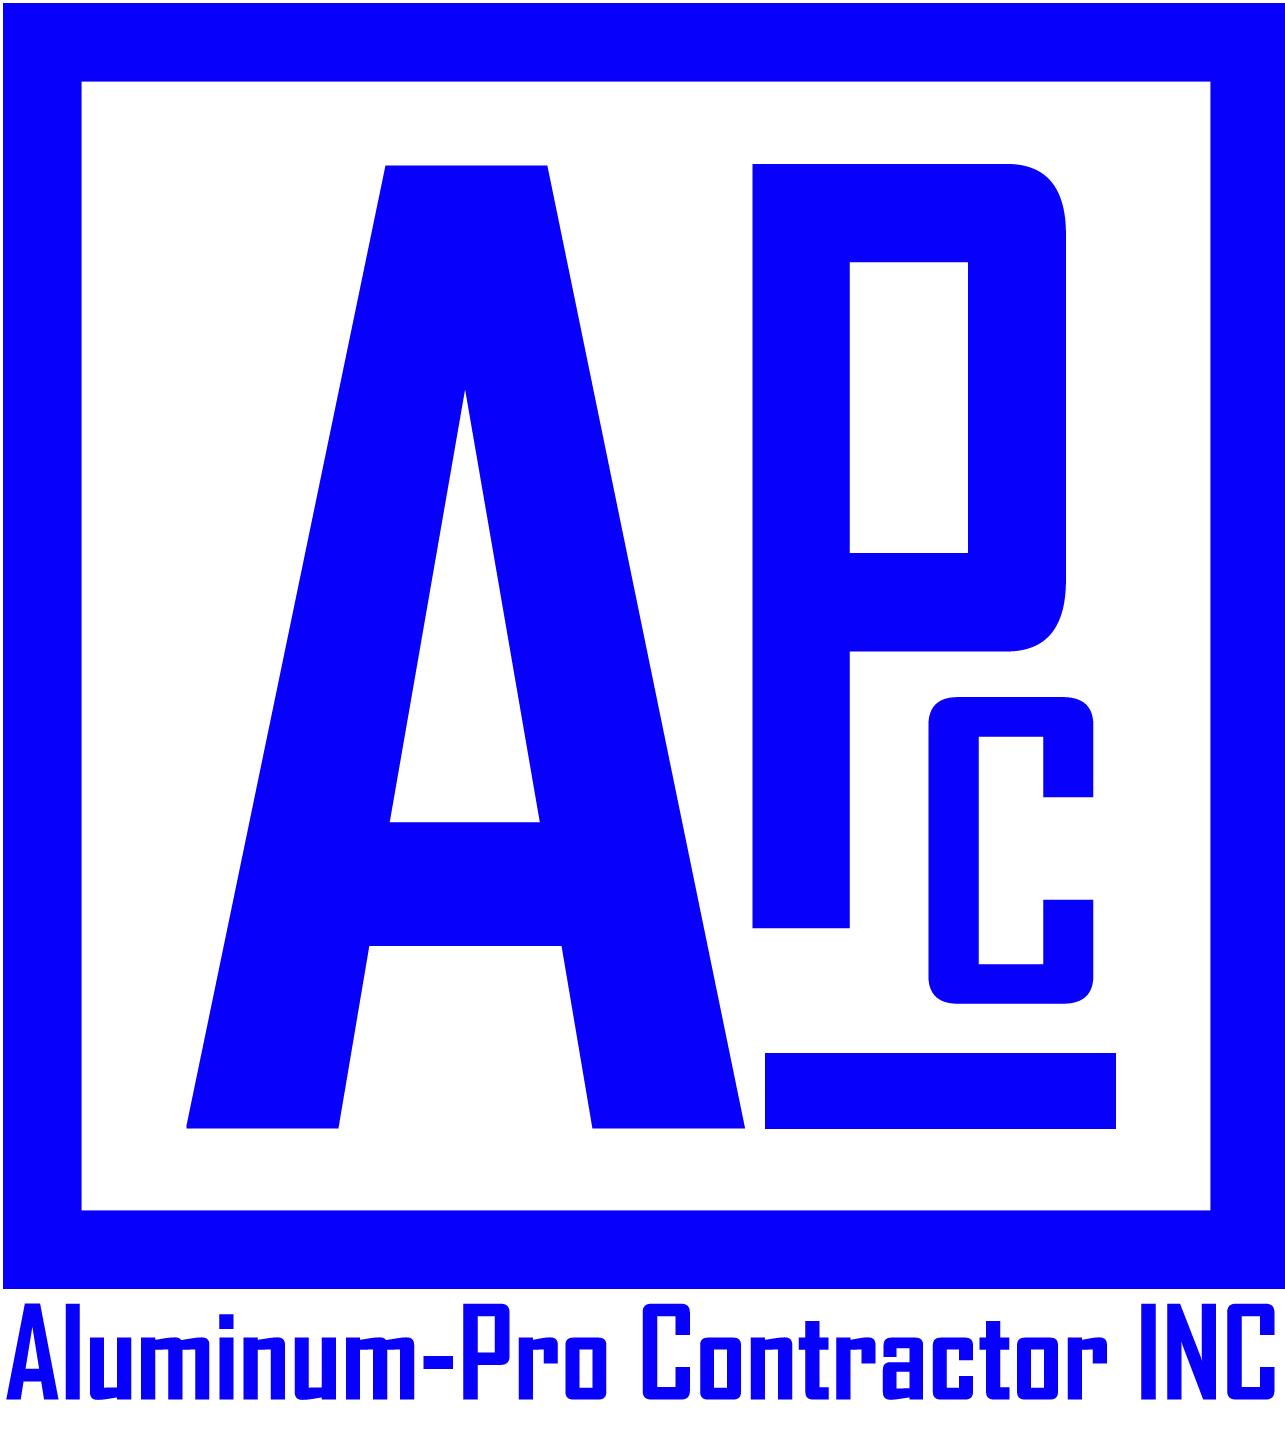 Aluminum-Pro Contractor INC